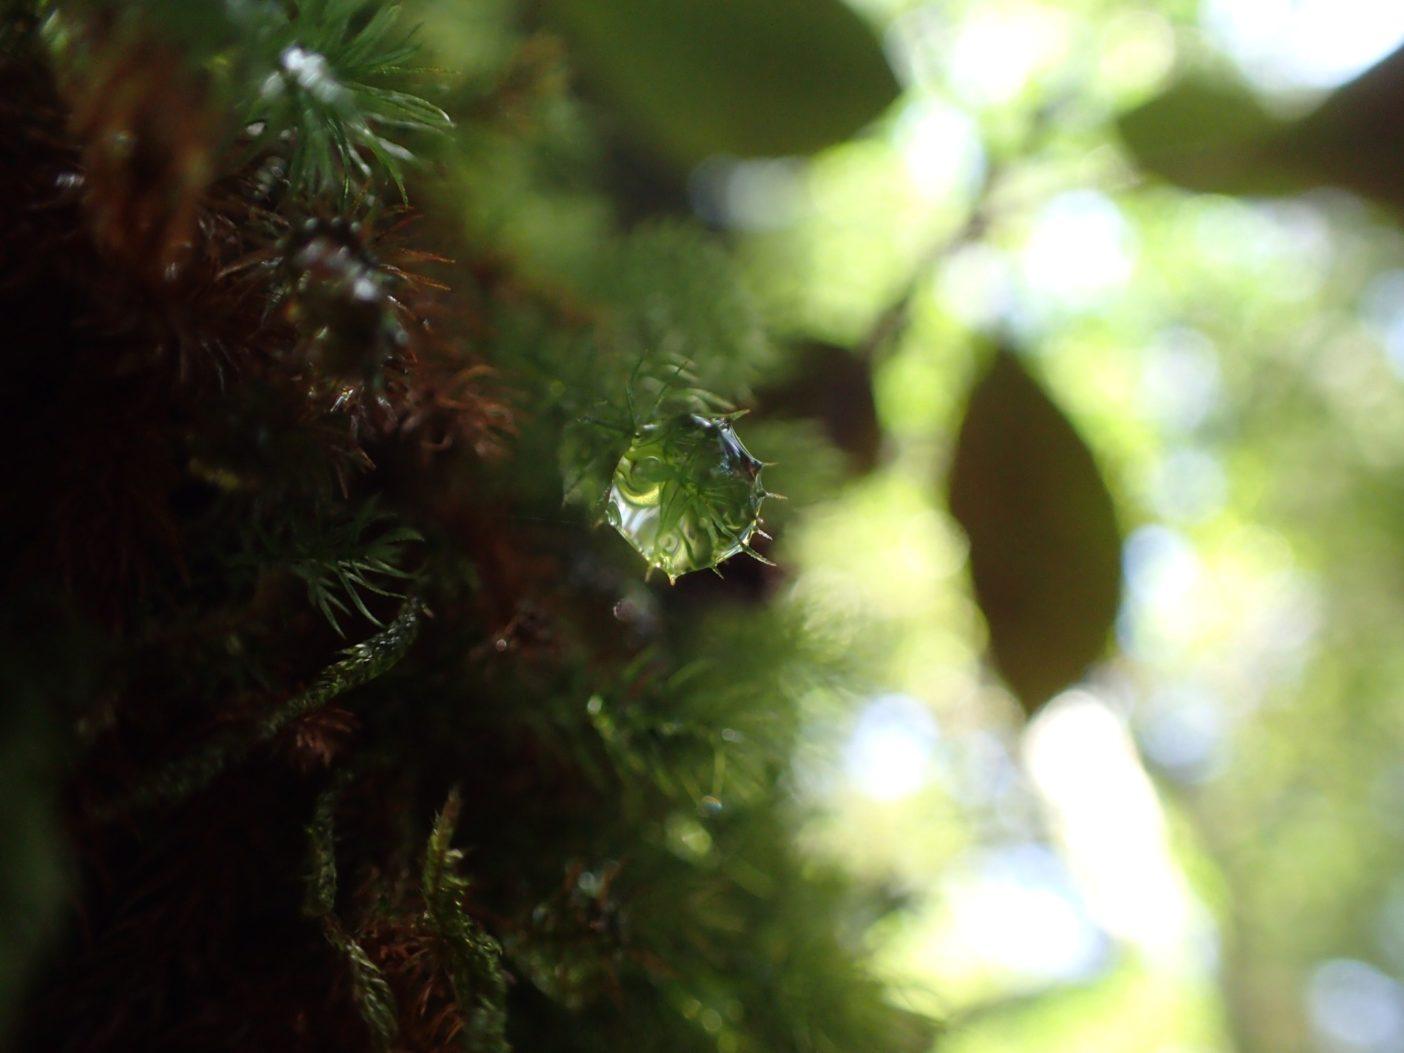 白谷雲水峡にて、雫を見つけると嬉しくなる。 写真:大野睦